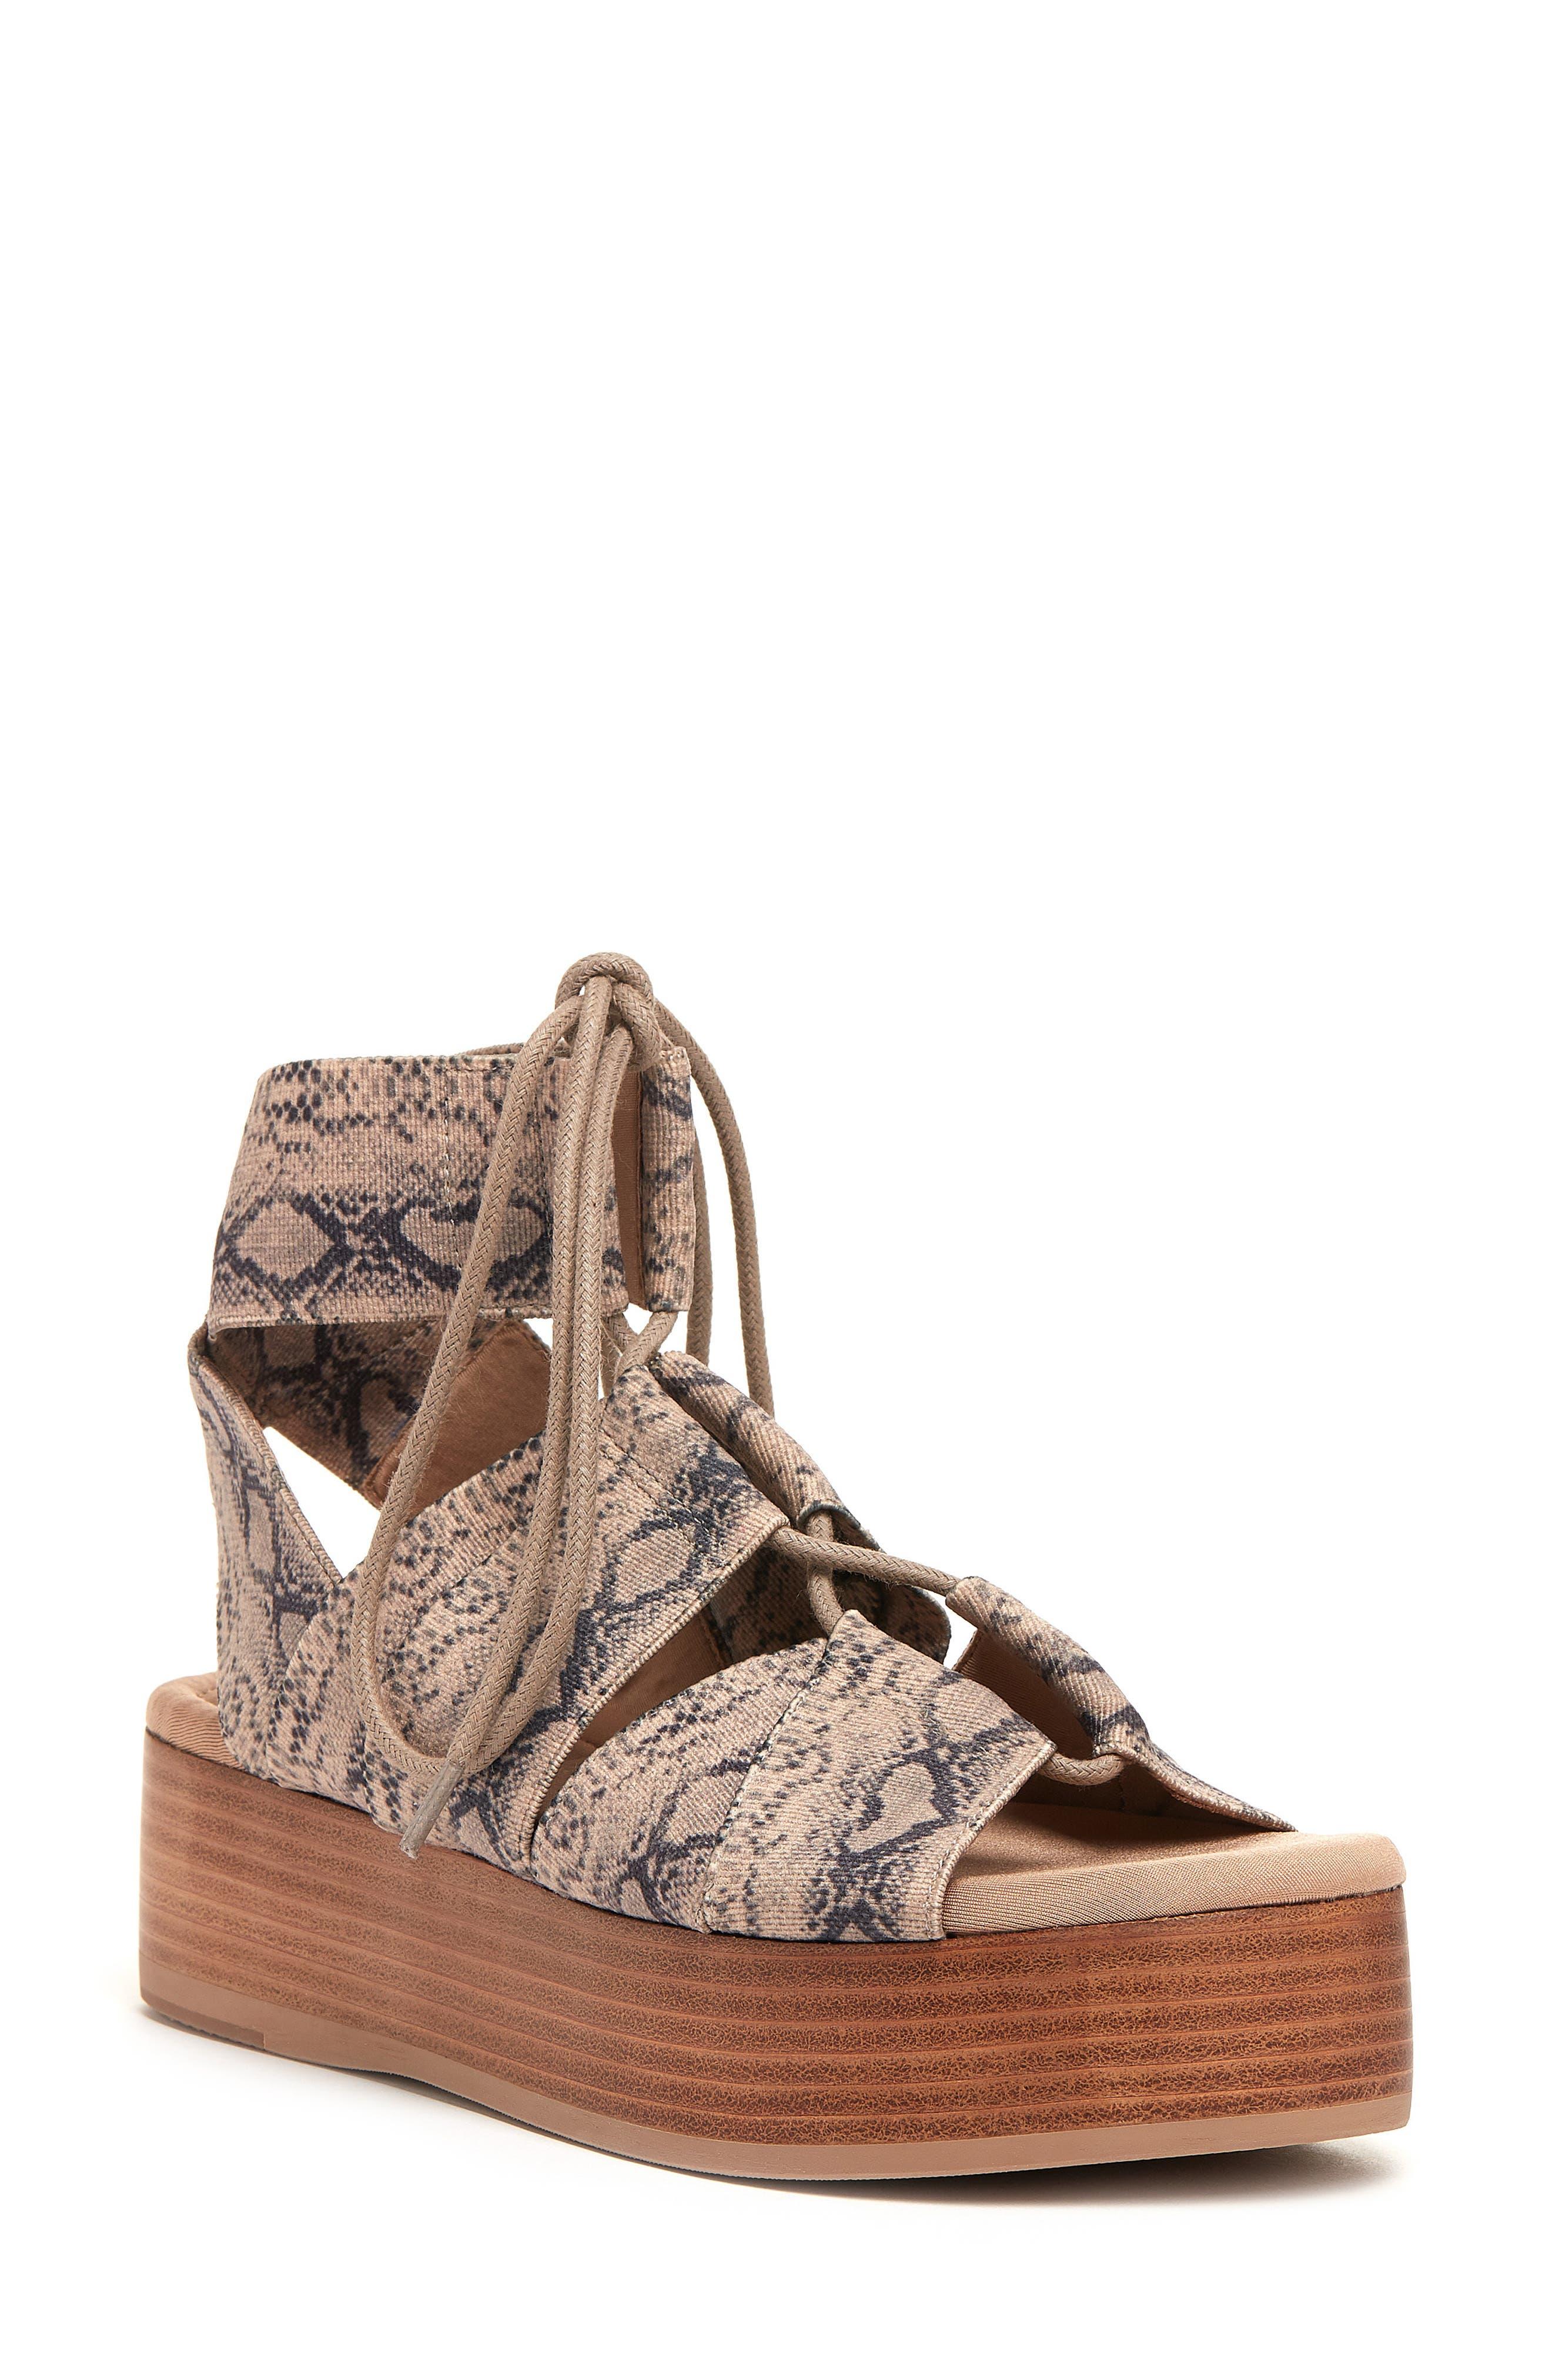 Decatur Platform Lace-Up Sandal